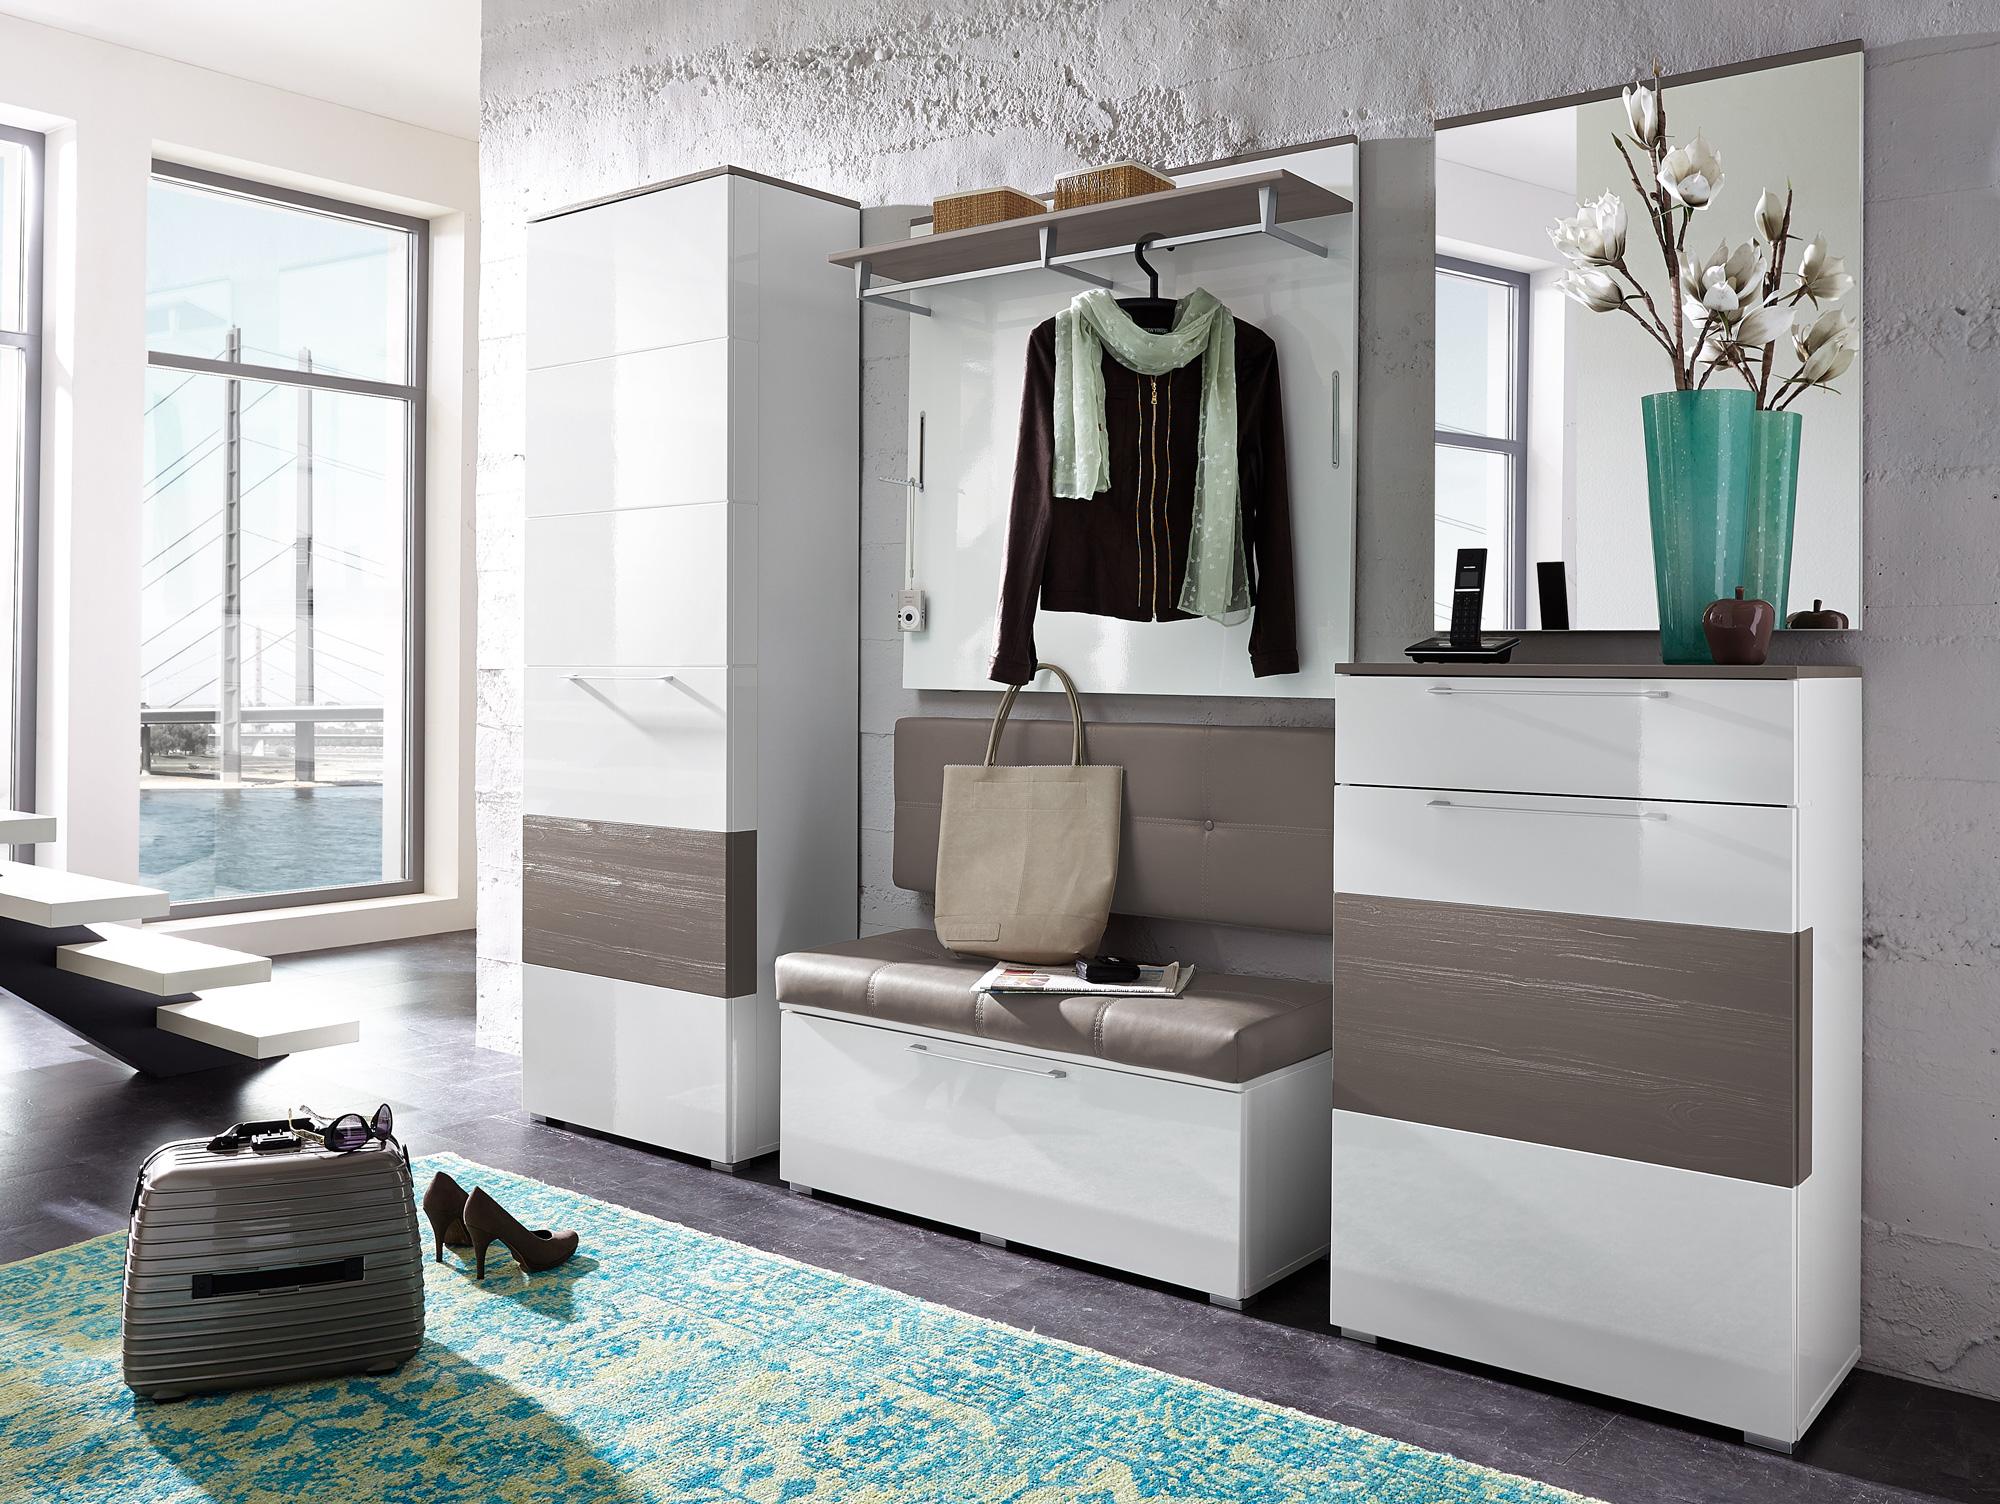 Inspirierend Sitzbank Schlafzimmer Bild Von Wohndesign Dekor